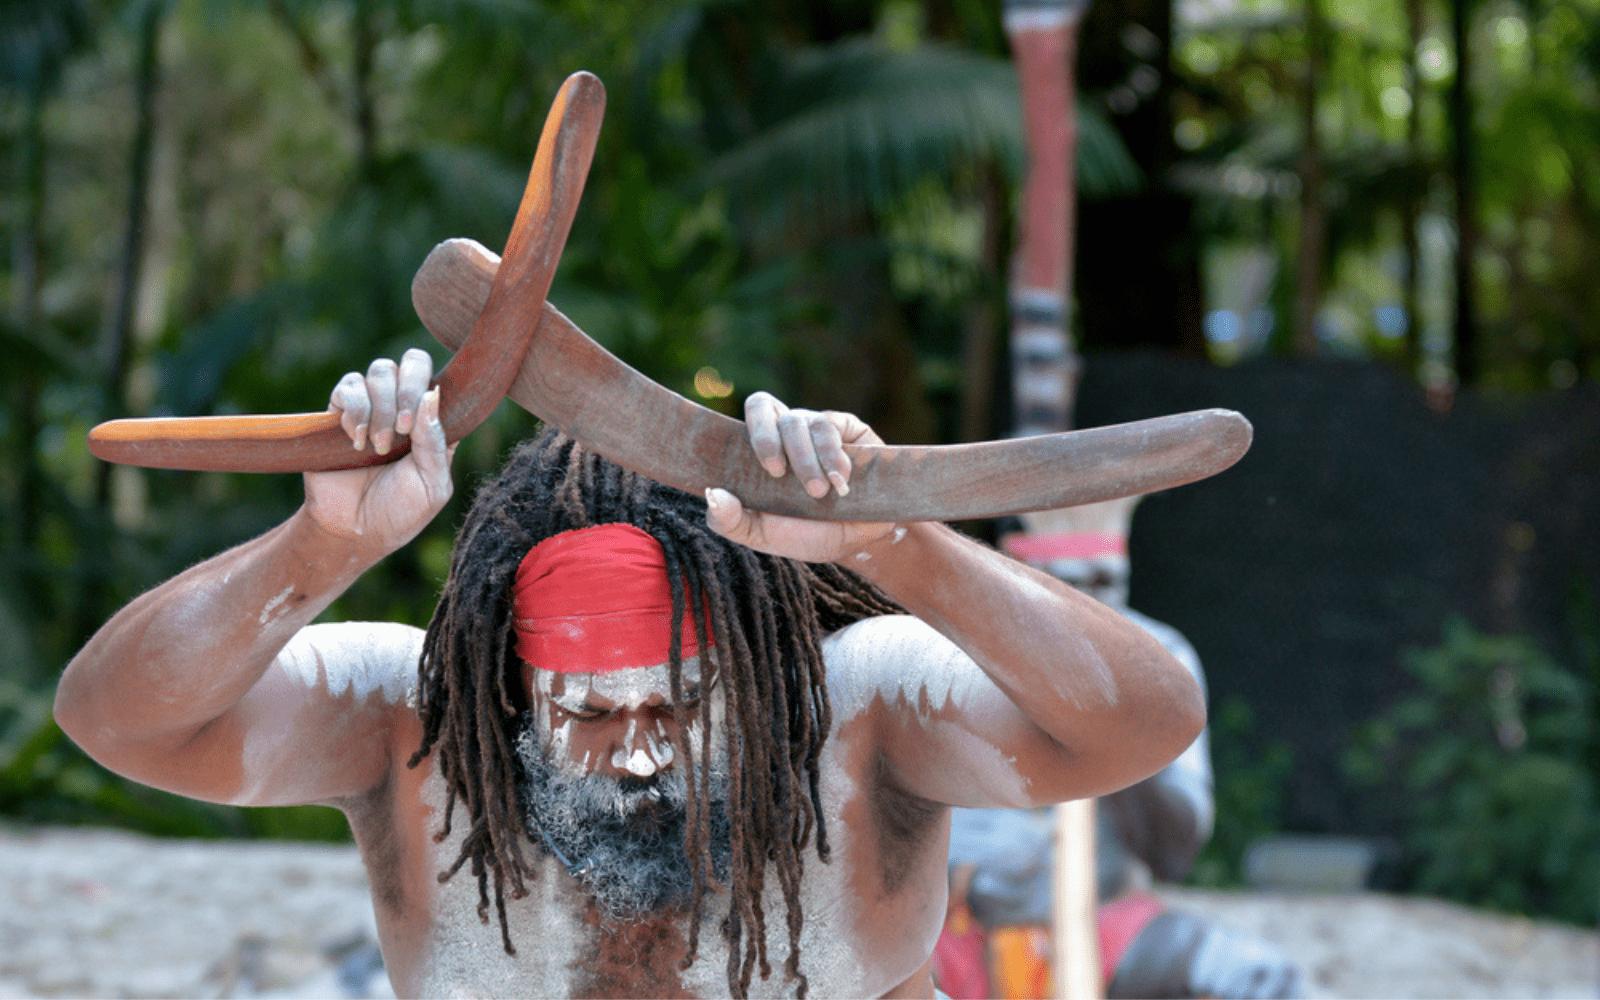 aborigène d'Australie avec dreadlocks et des boomerangs dans les main, en tenu traditionnelle pendant une ceremonie